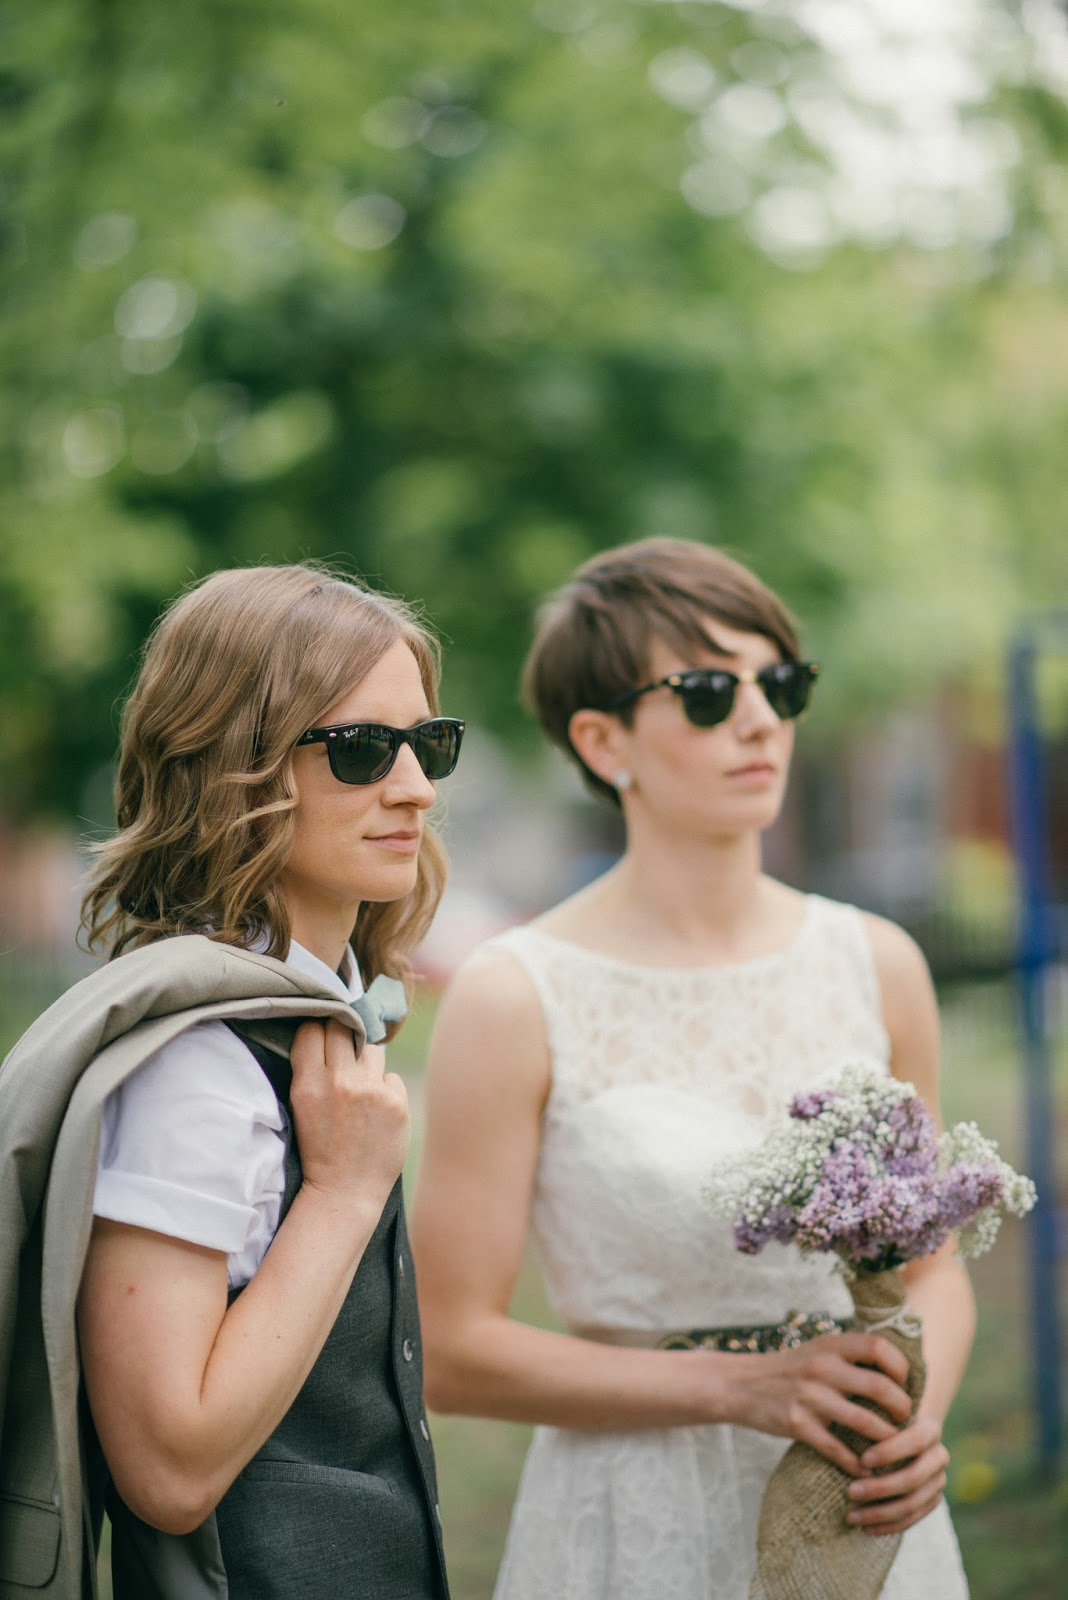 Alison Slattery Photography Sarah And Lindsay S Wedding